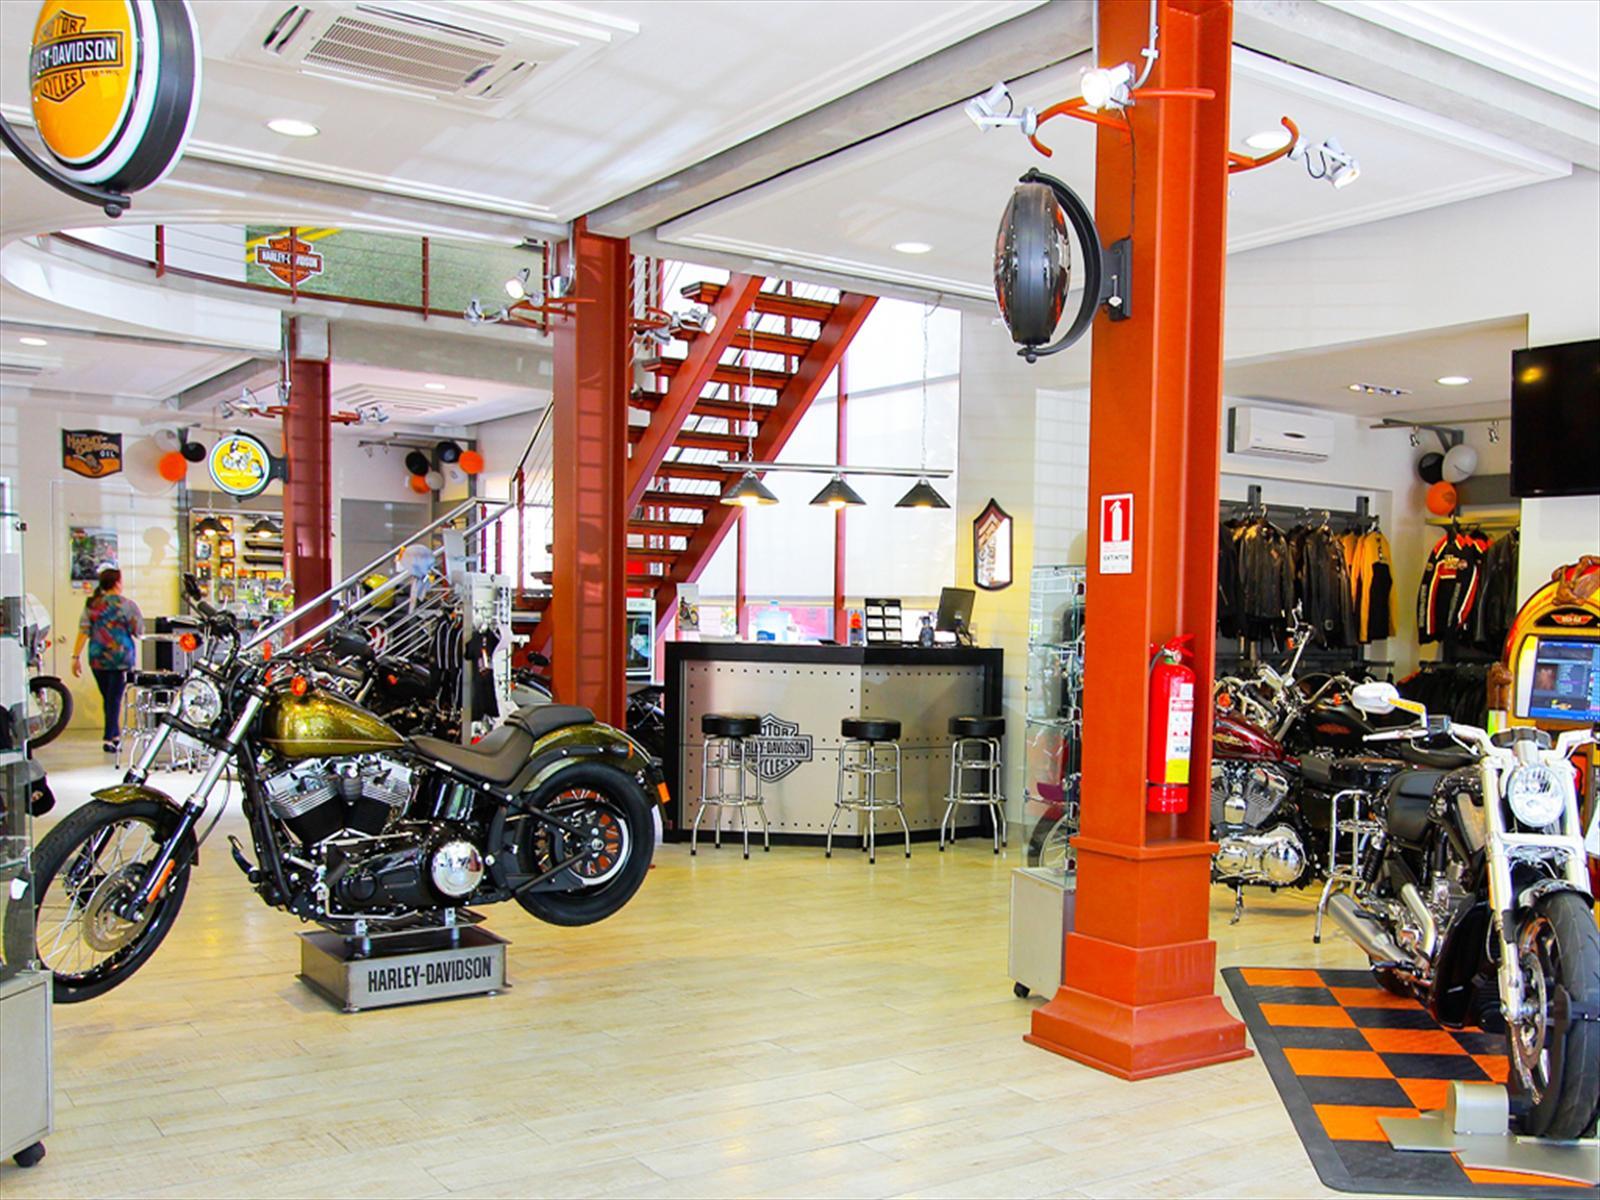 Harley-Davidson inaugura tienda ícono en Santiago - Autocosmos.com